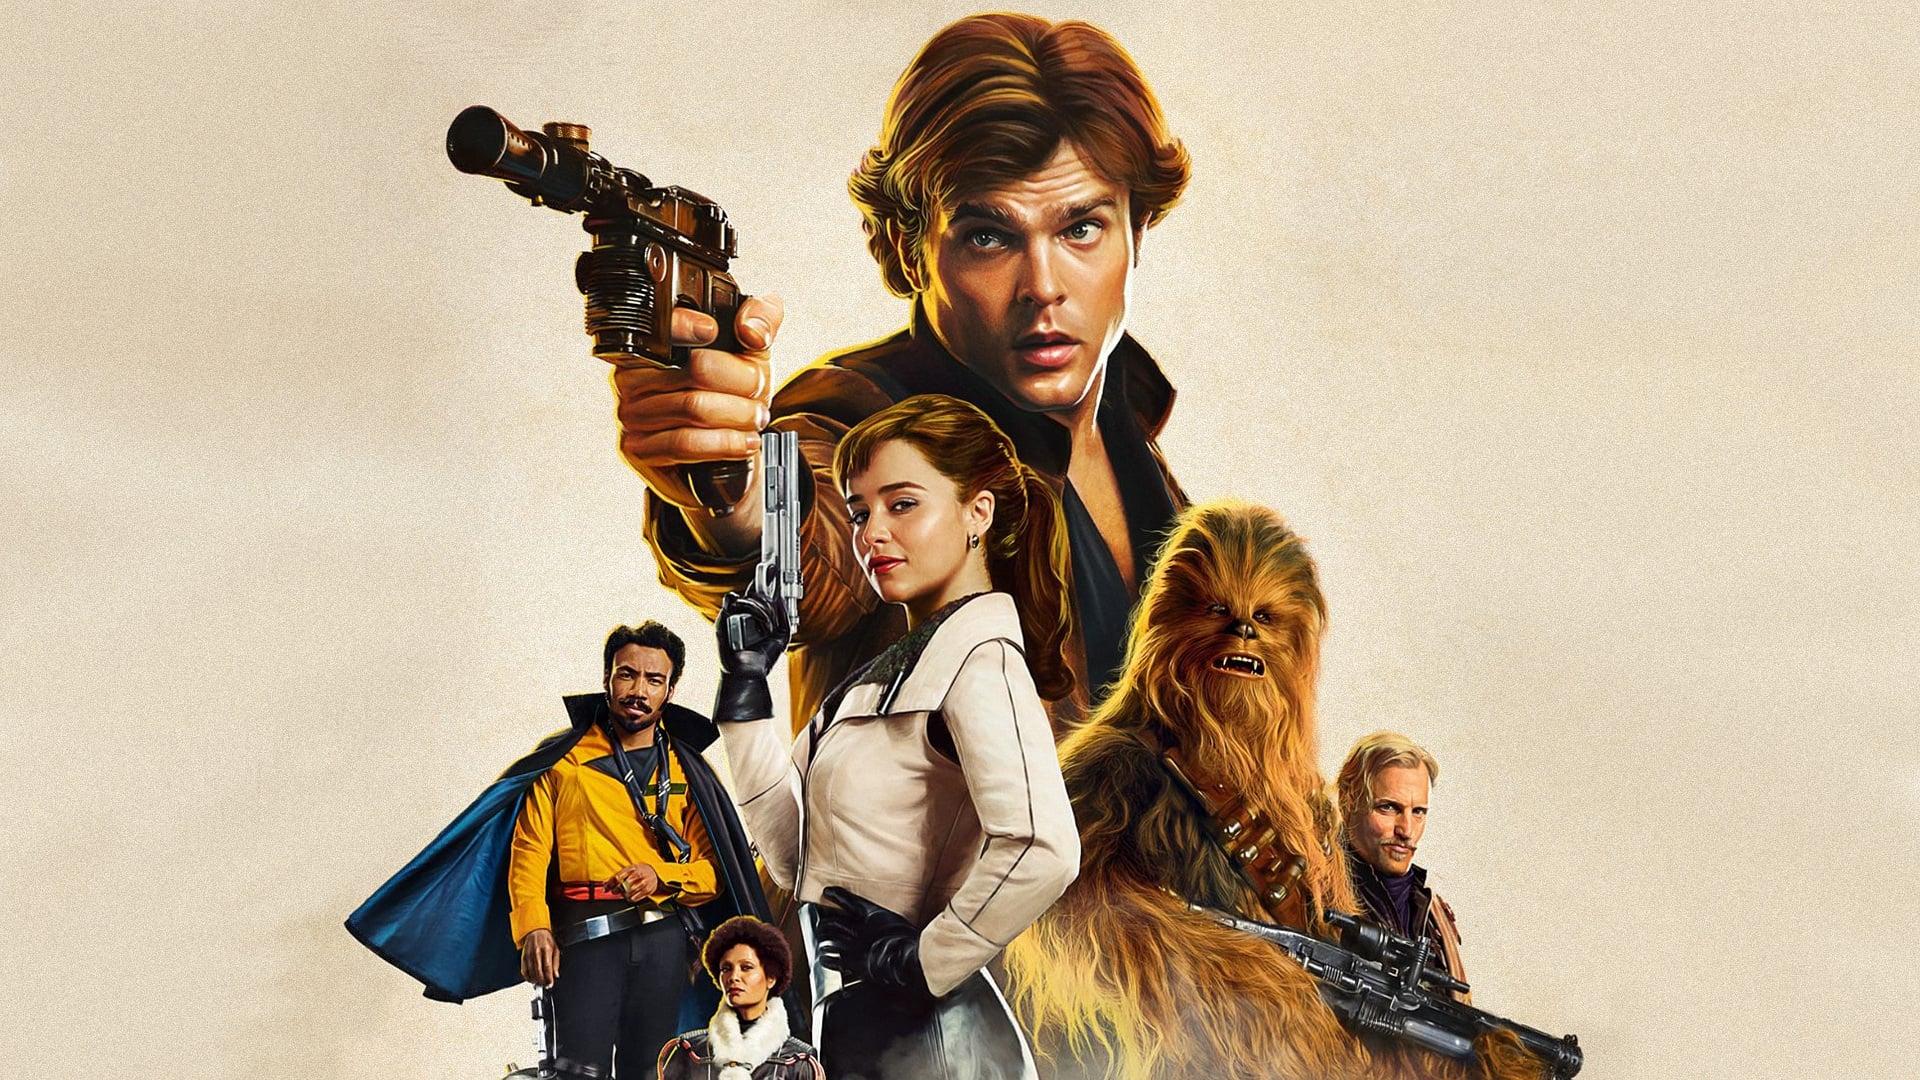 Menos Star Wars, mais qualidade? Novos rumos e nova trilogia de Star Wars 2